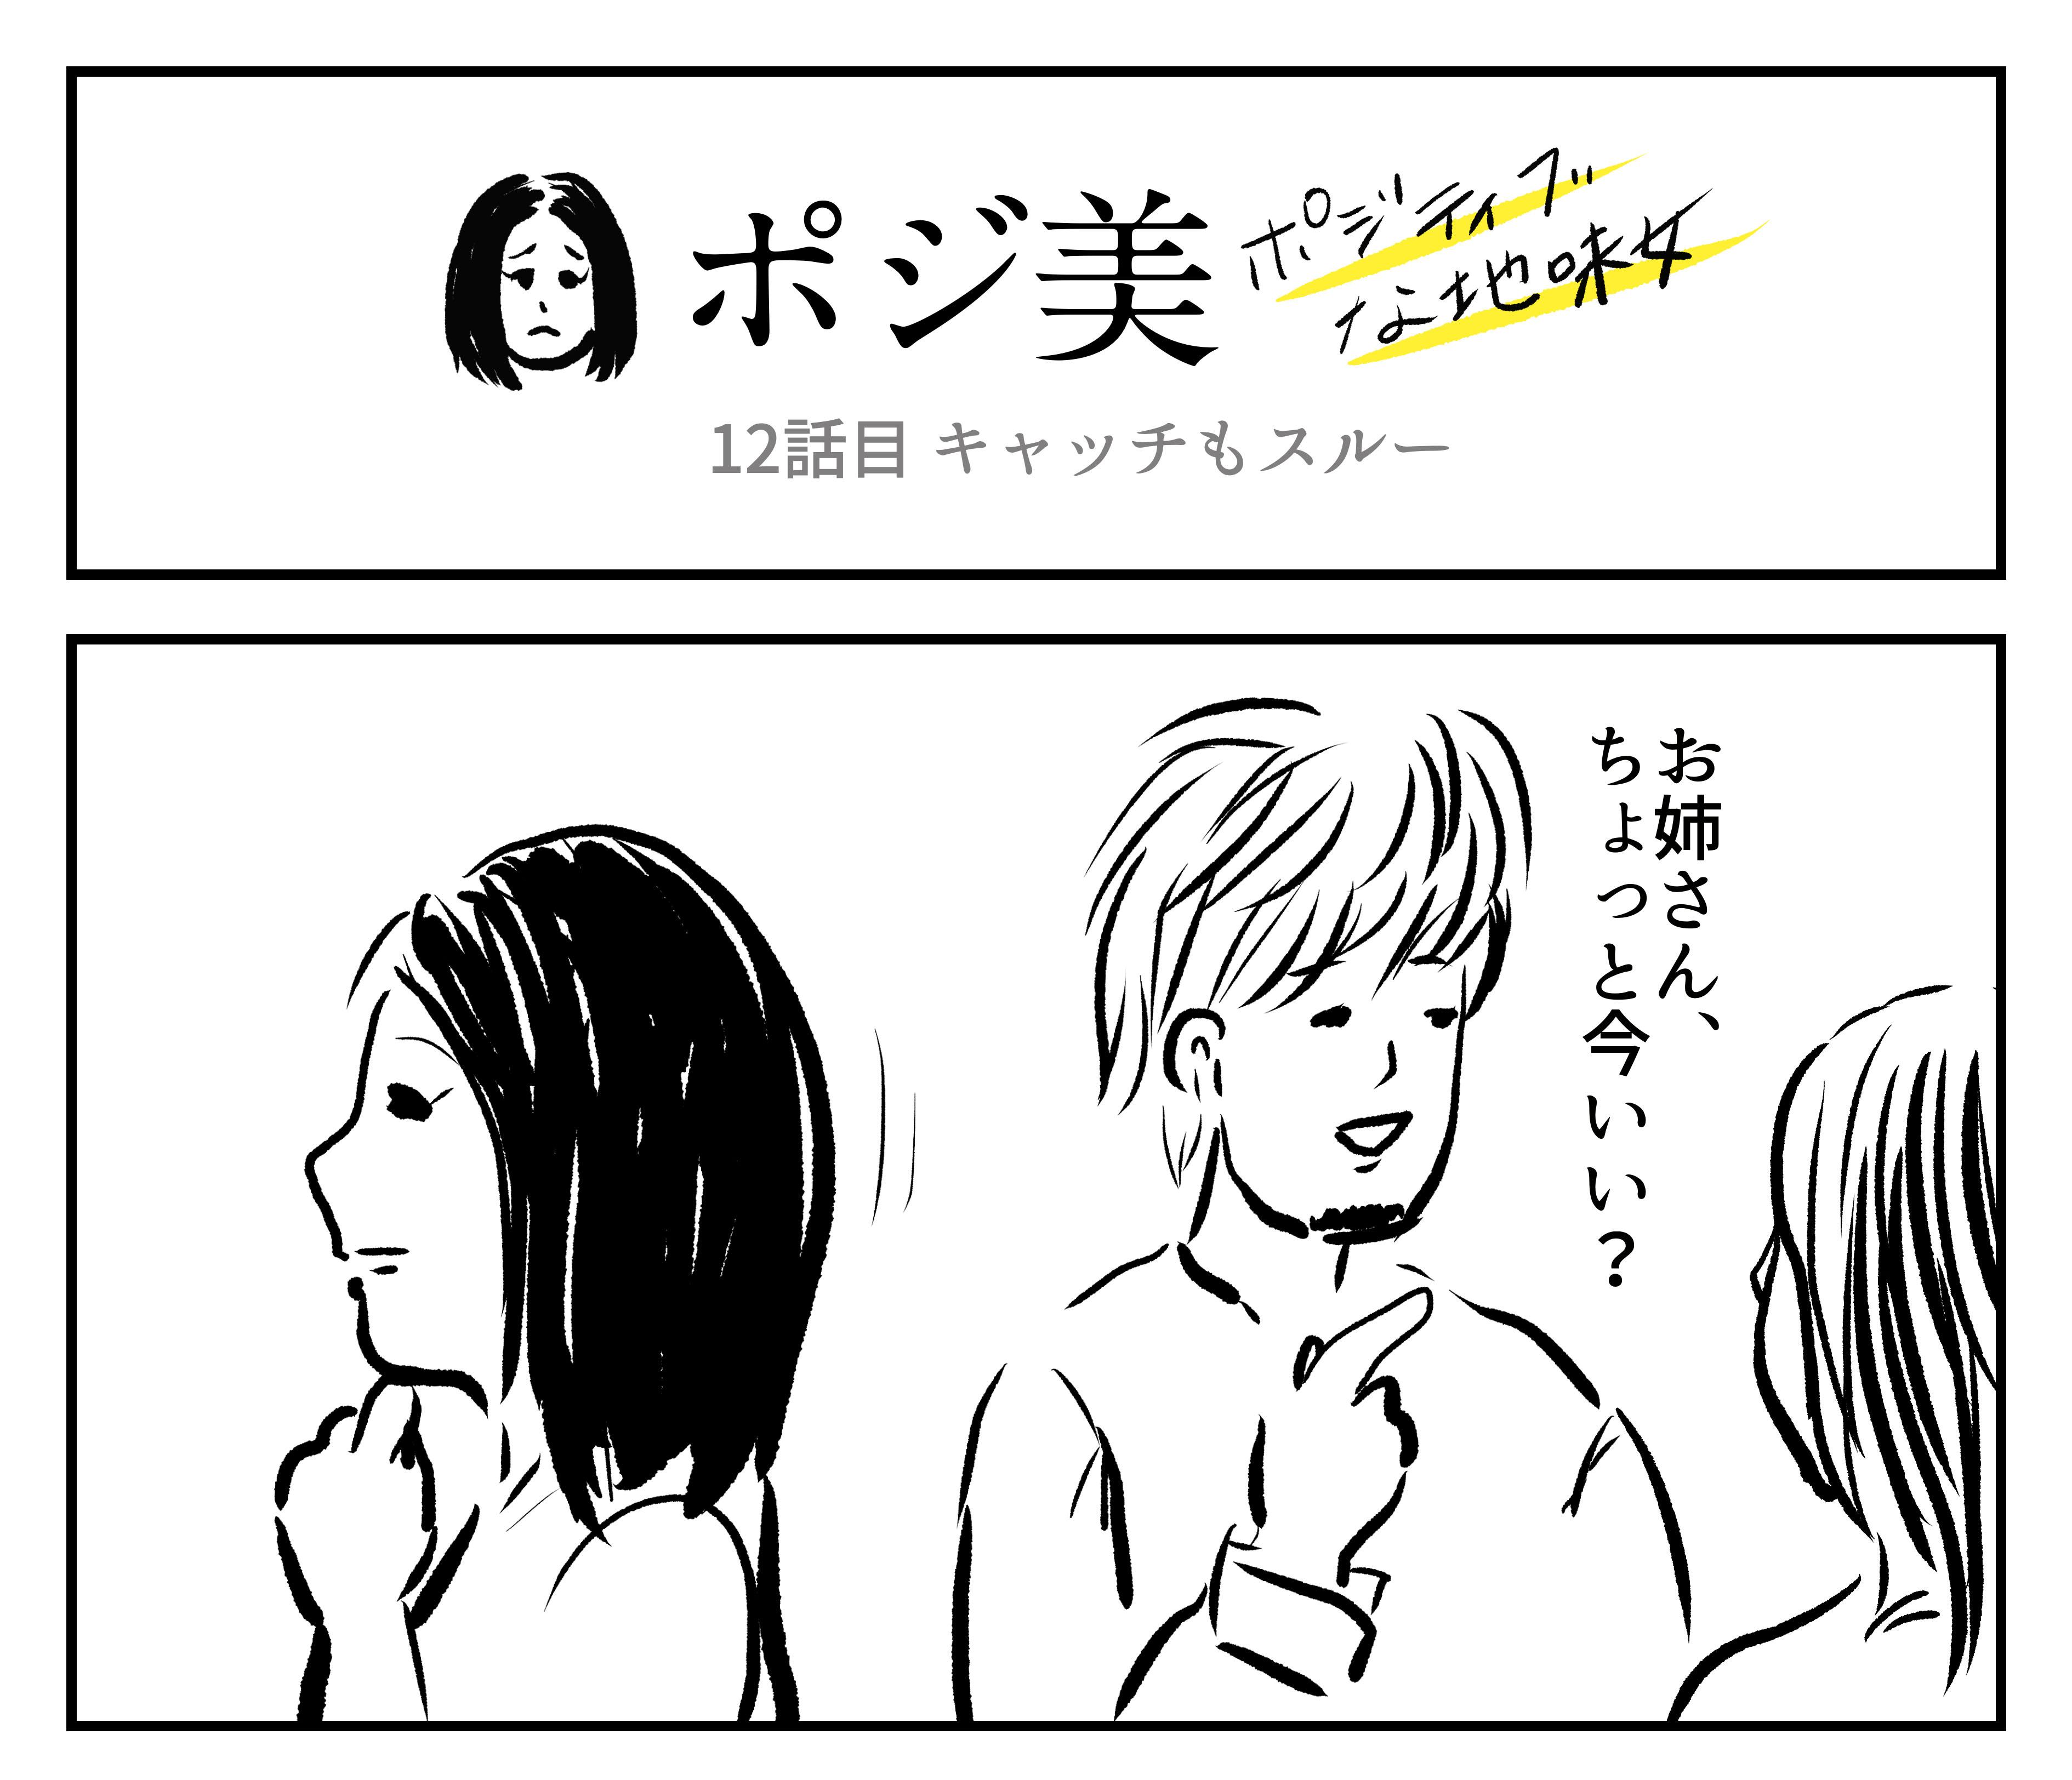 【2コマ】ポジ美 12話目「キャッチもスルー」